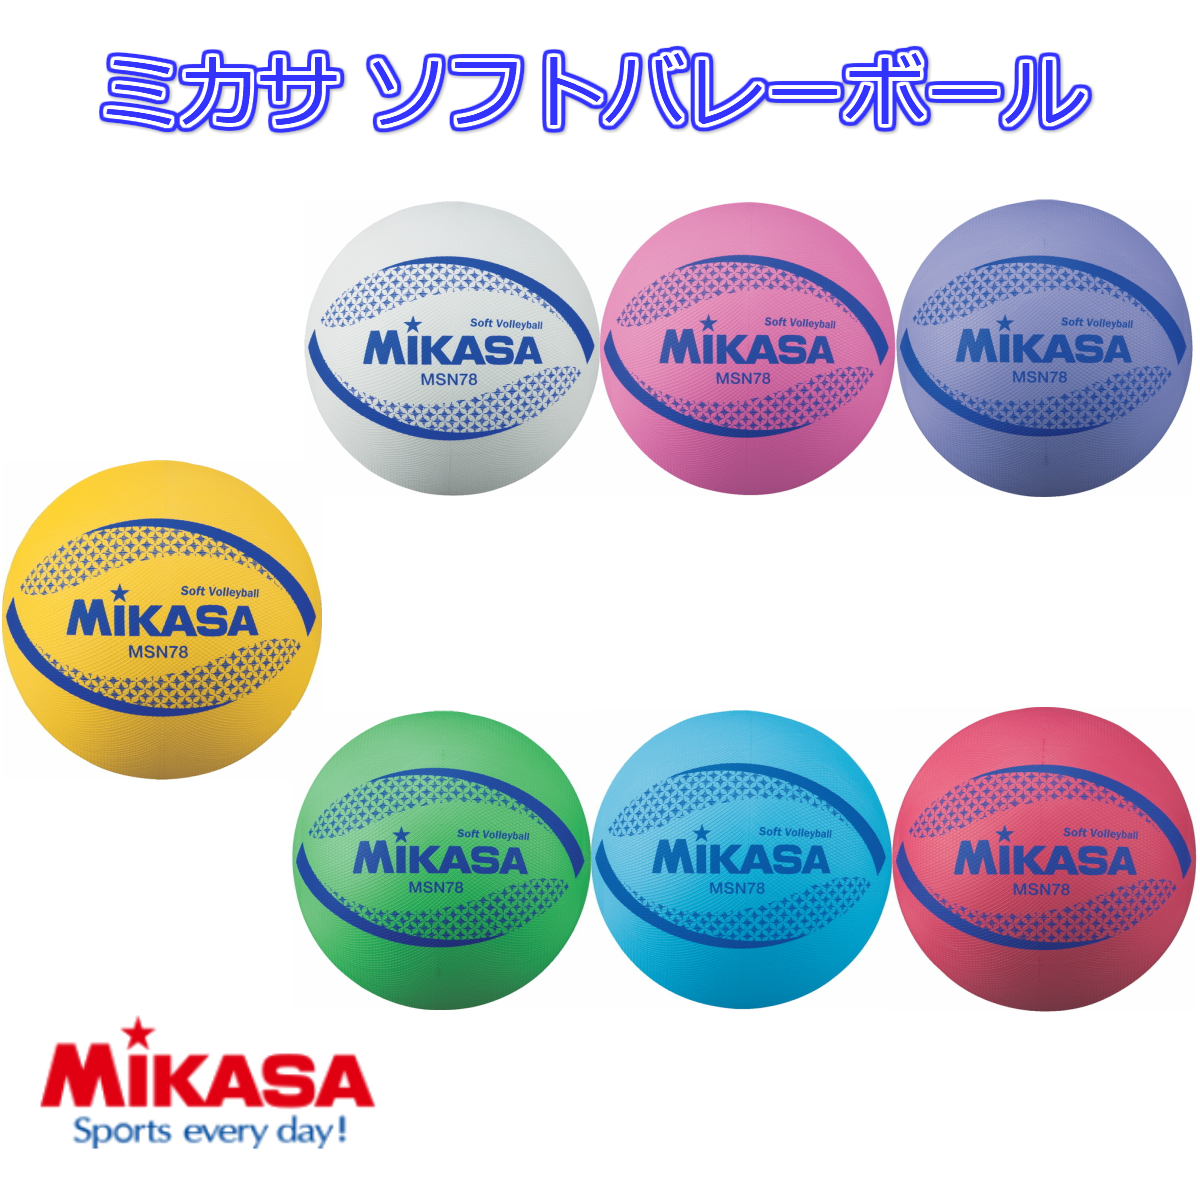 空気は入っていない状態でのお届けとなります ミカサ MIKASA ソフトバレーボール 検定球 一般 大学 高校 中学校用 7色 黄 白 ピンク MSN78-W MSN78-Y MSN78-R 重量約210g 紫 国内送料無料 赤 青 円周約78cm MSN78-V MSN78-BL MSN78-P 緑 MSN78-G ラッピング無料